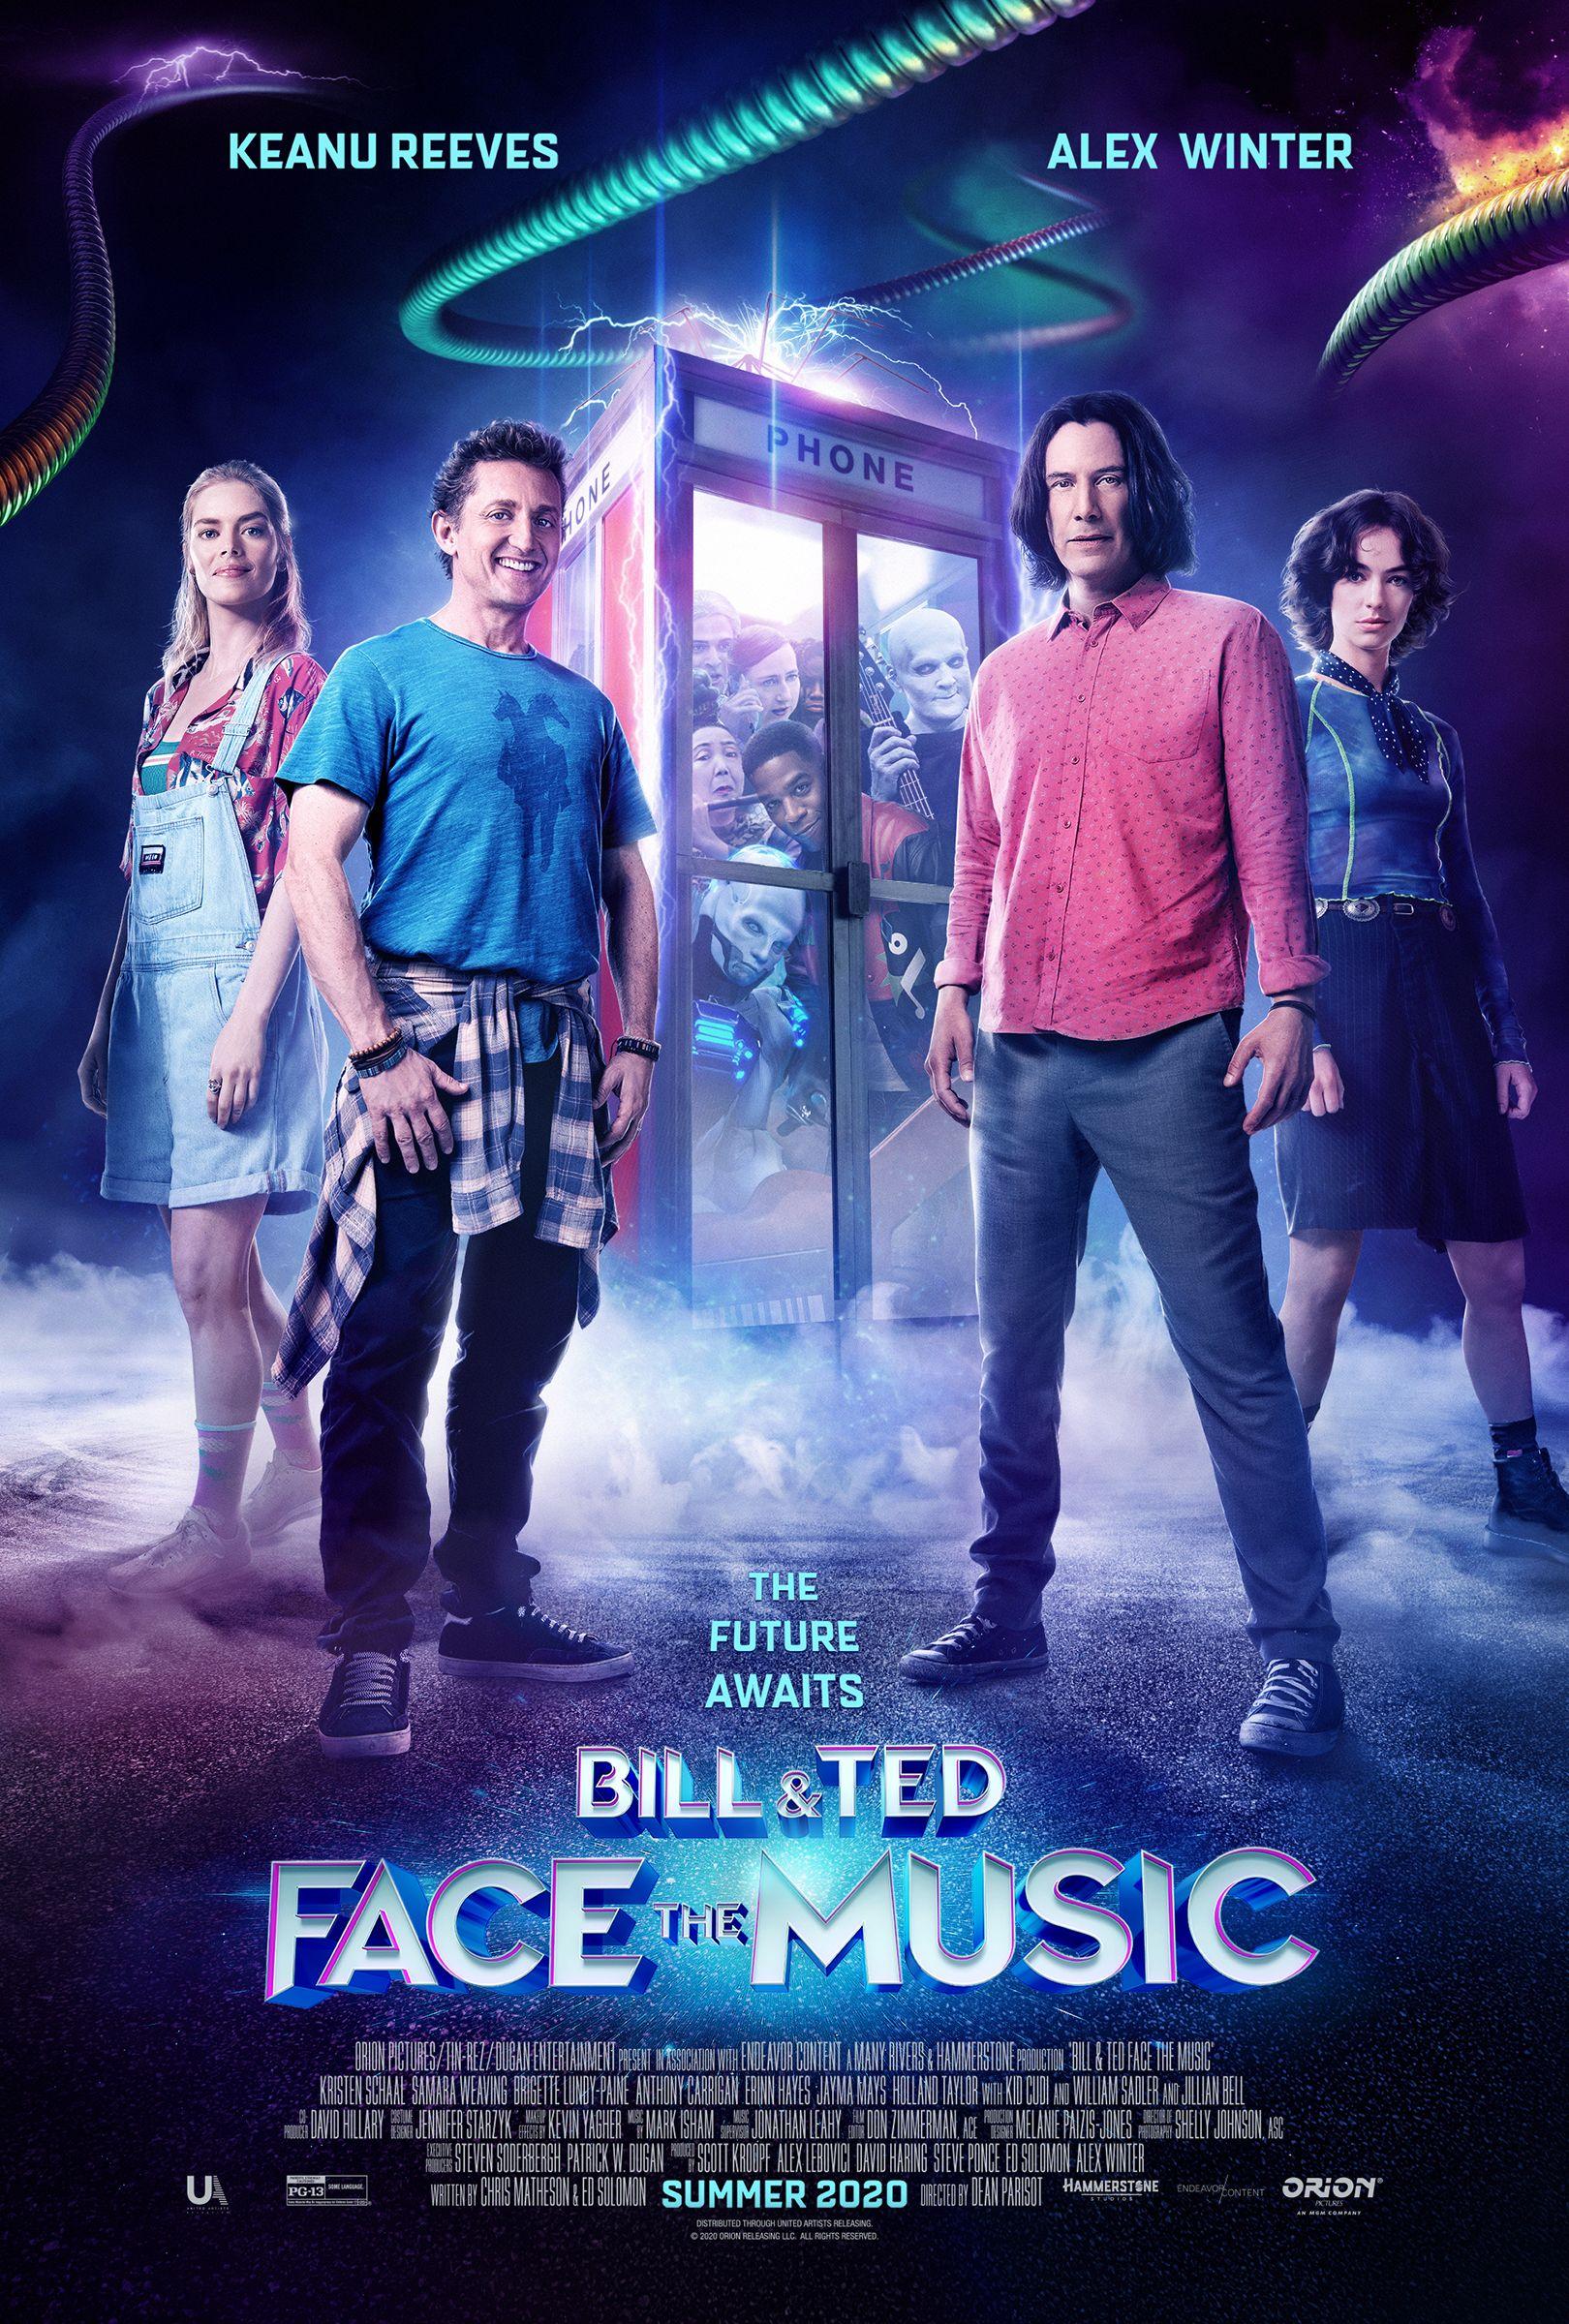 Комедия «Билл и Тед» с Киану Ривзом выйдет одновременно на видео и в кино 1